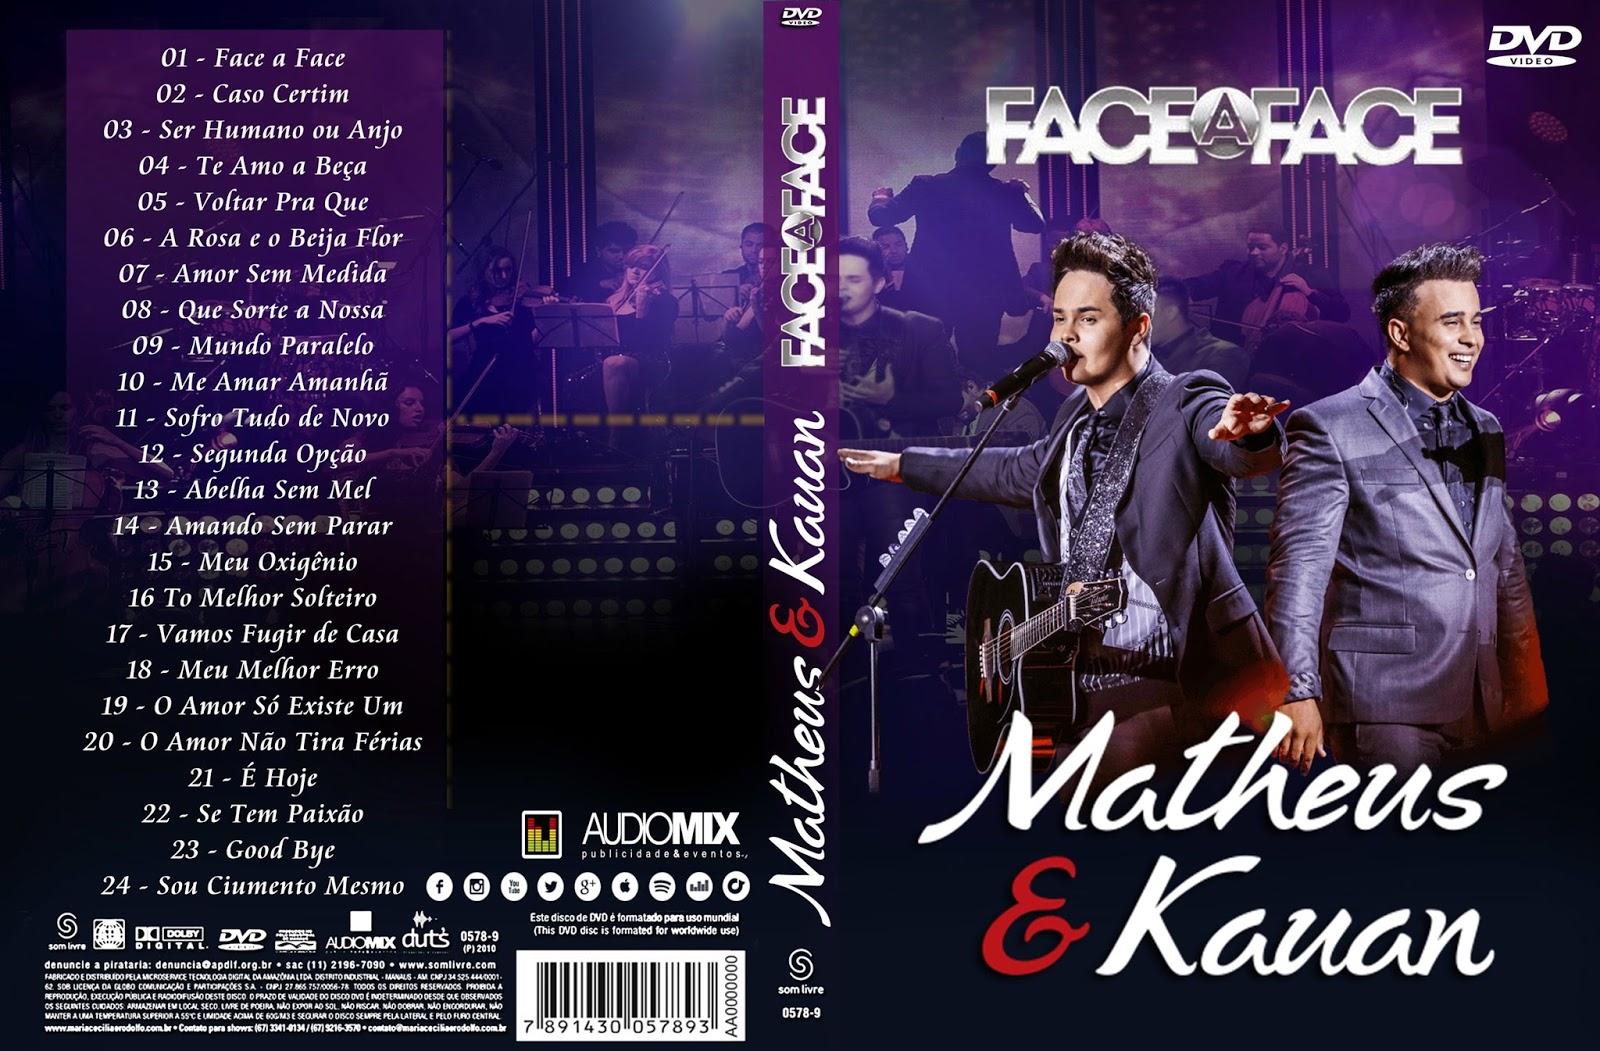 Download Matheus & Kauan Face a Face DVDRip XviD 2015 Matheus 2B 2526 2BKauan 2BFace 2Ba 2BFace